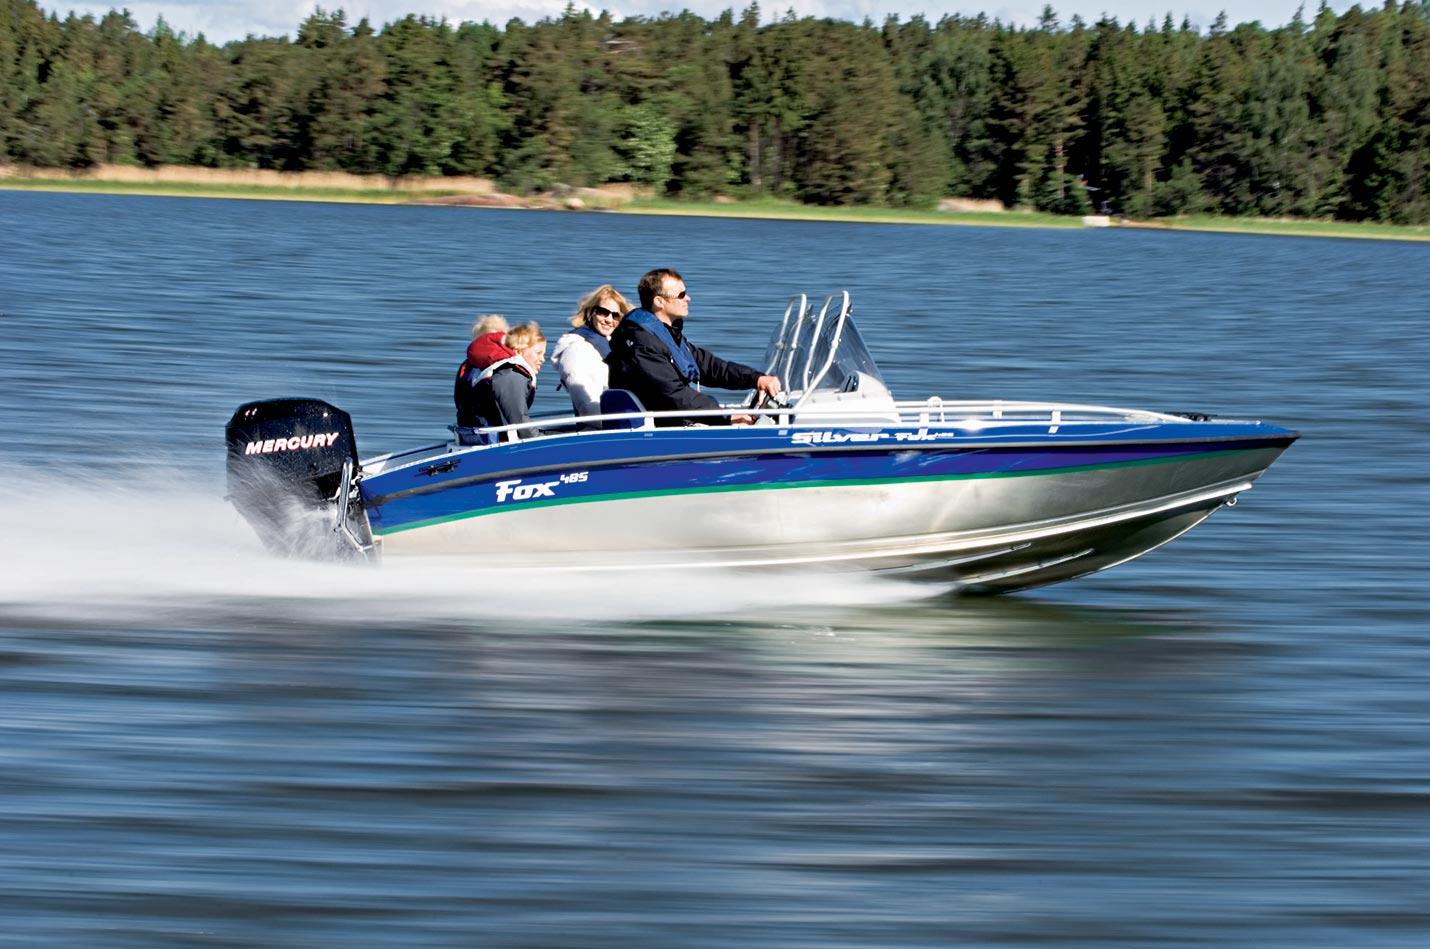 Silver Boats Fox R 485 (Pêche Promenade)